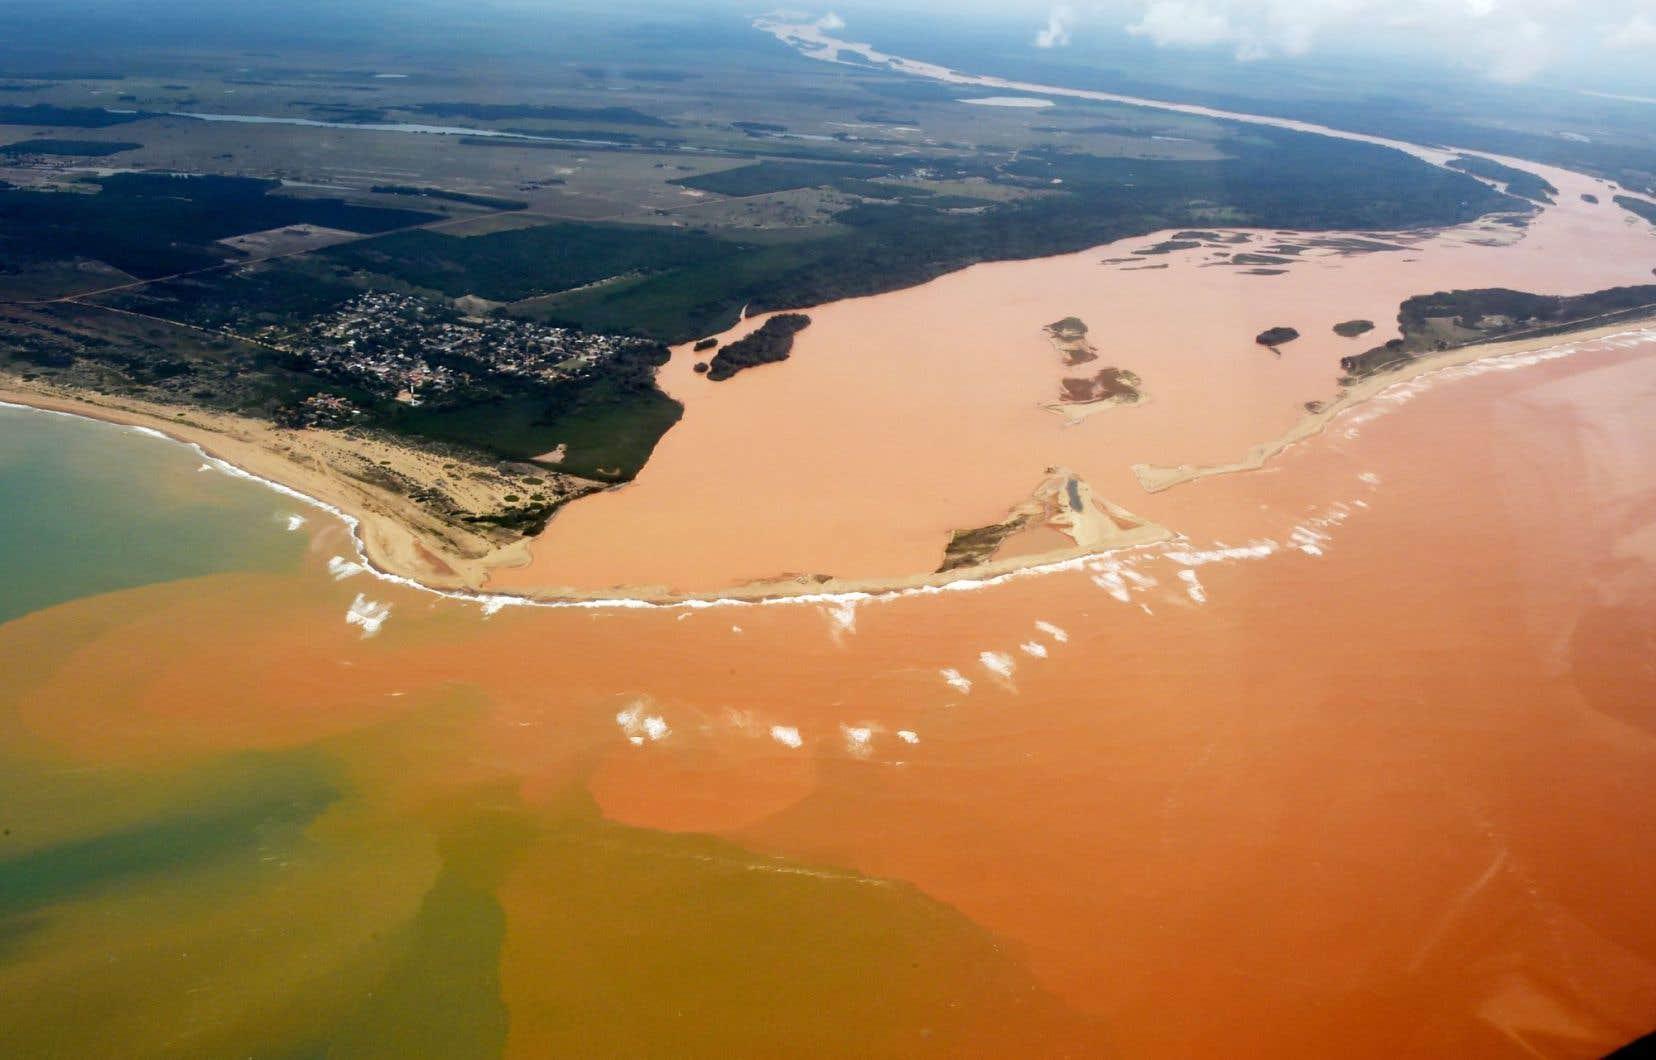 La boue a englouti un village, faisant 13 morts, avant de se retrouver dans le fleuve Doce. Les analyses ont démontré la présence de plomb, d'arsenic, de nickel et de chrome.